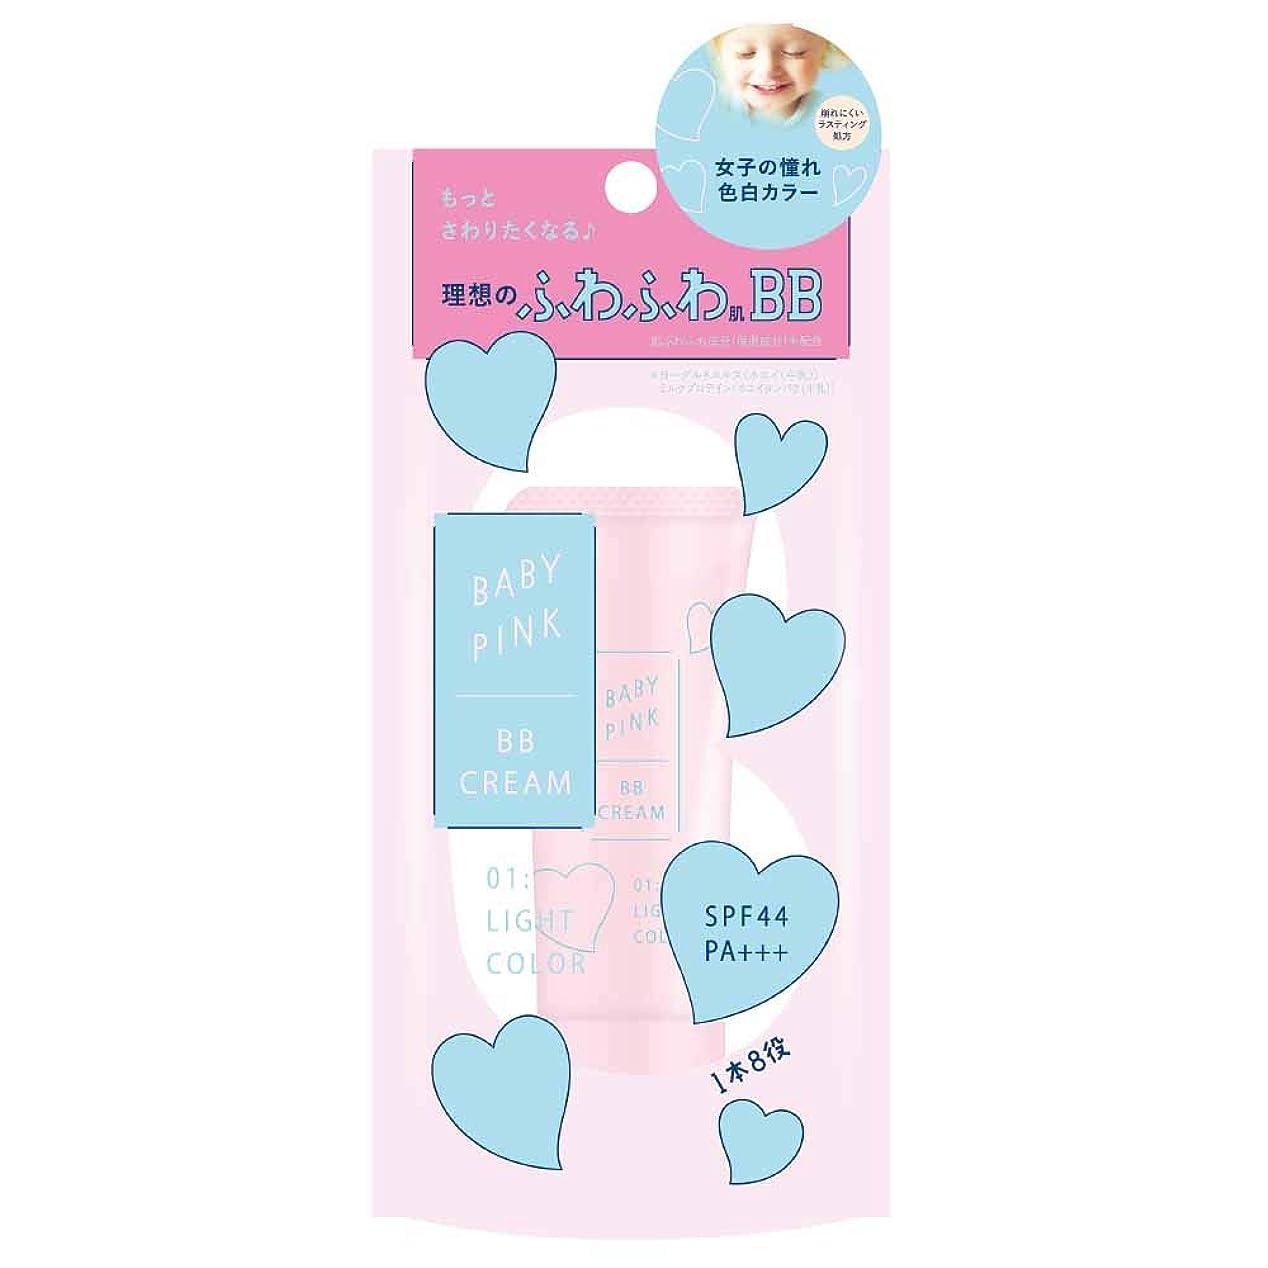 リゾートうなり声衣服ベビーピンク BBクリーム 01:ライトカラー 22g